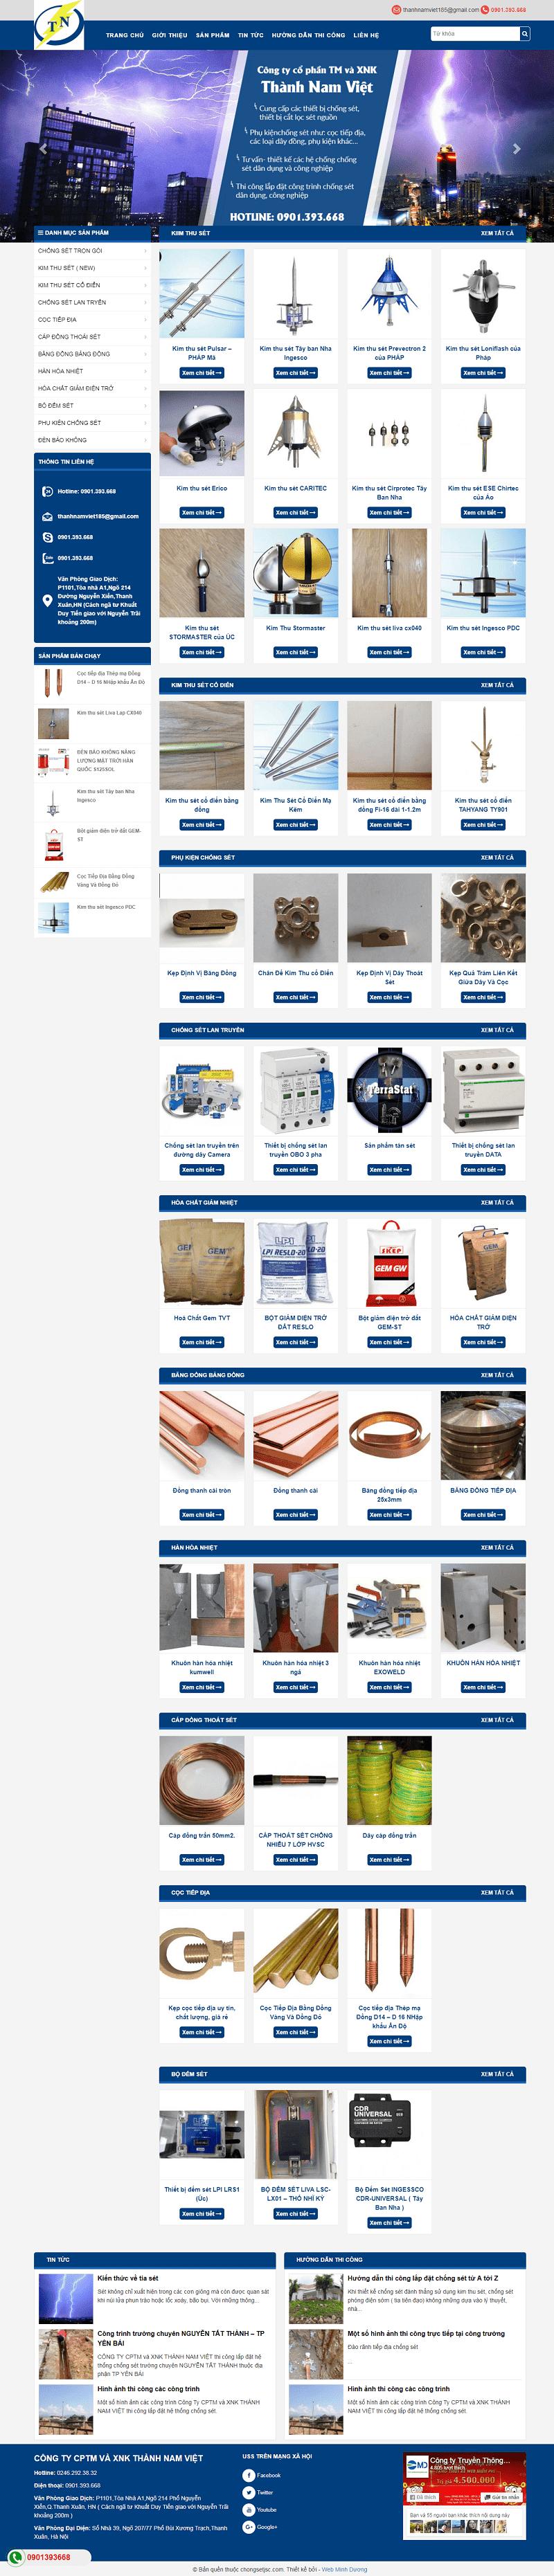 thiết kế website bán thiết bị chống sét